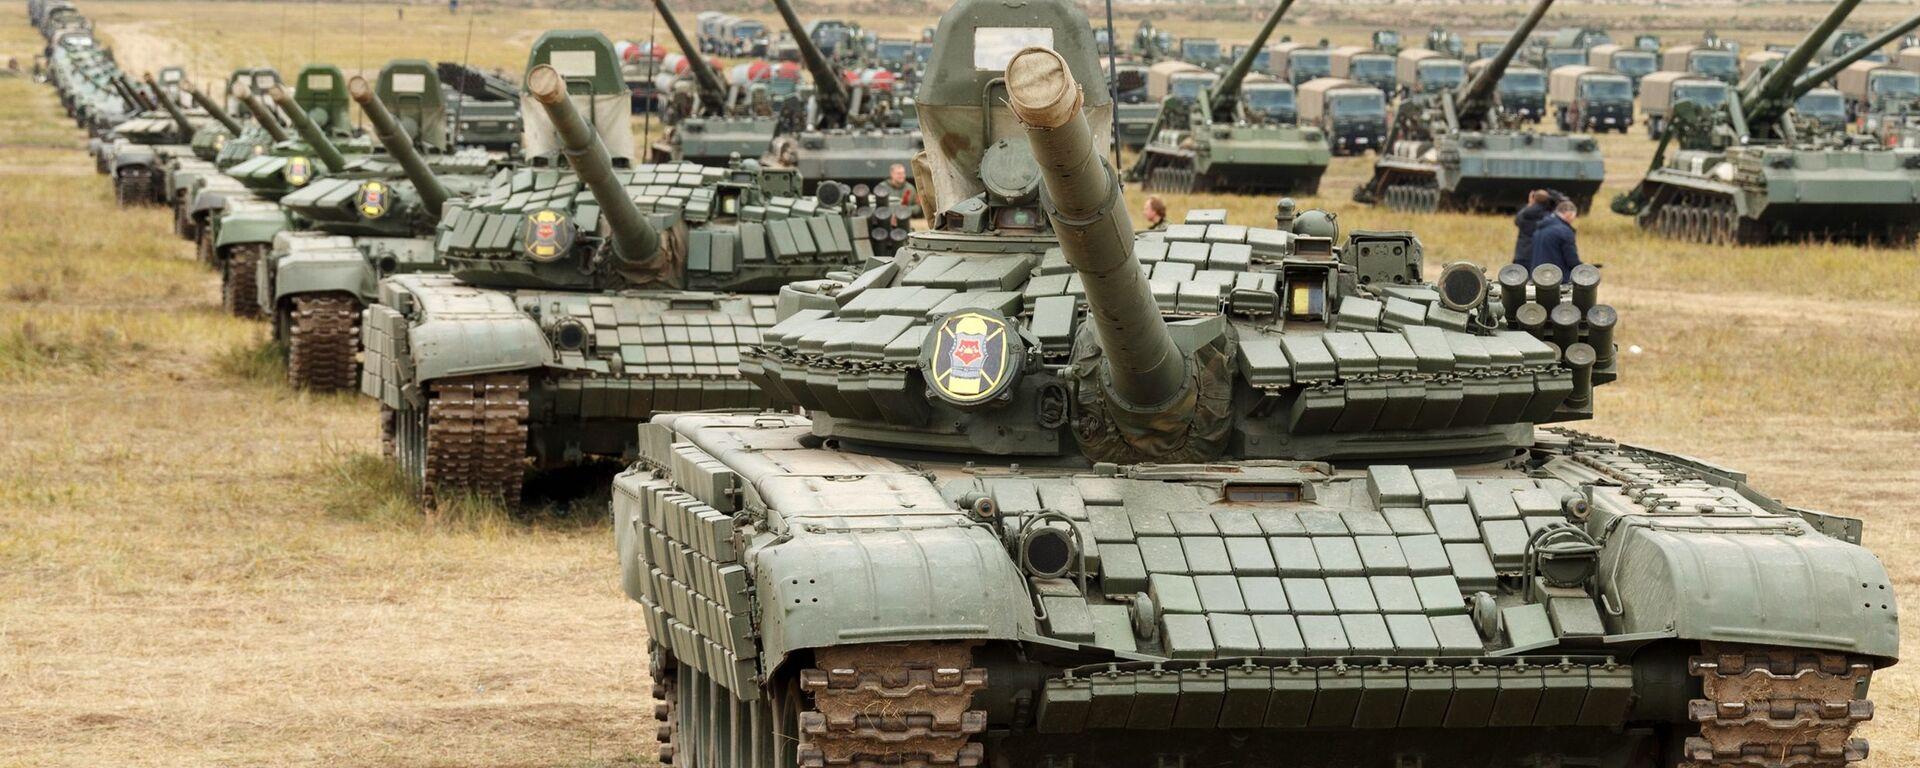 Танки Т-72, Т-80 армии РФ, архивное фото - Sputnik Таджикистан, 1920, 16.09.2021